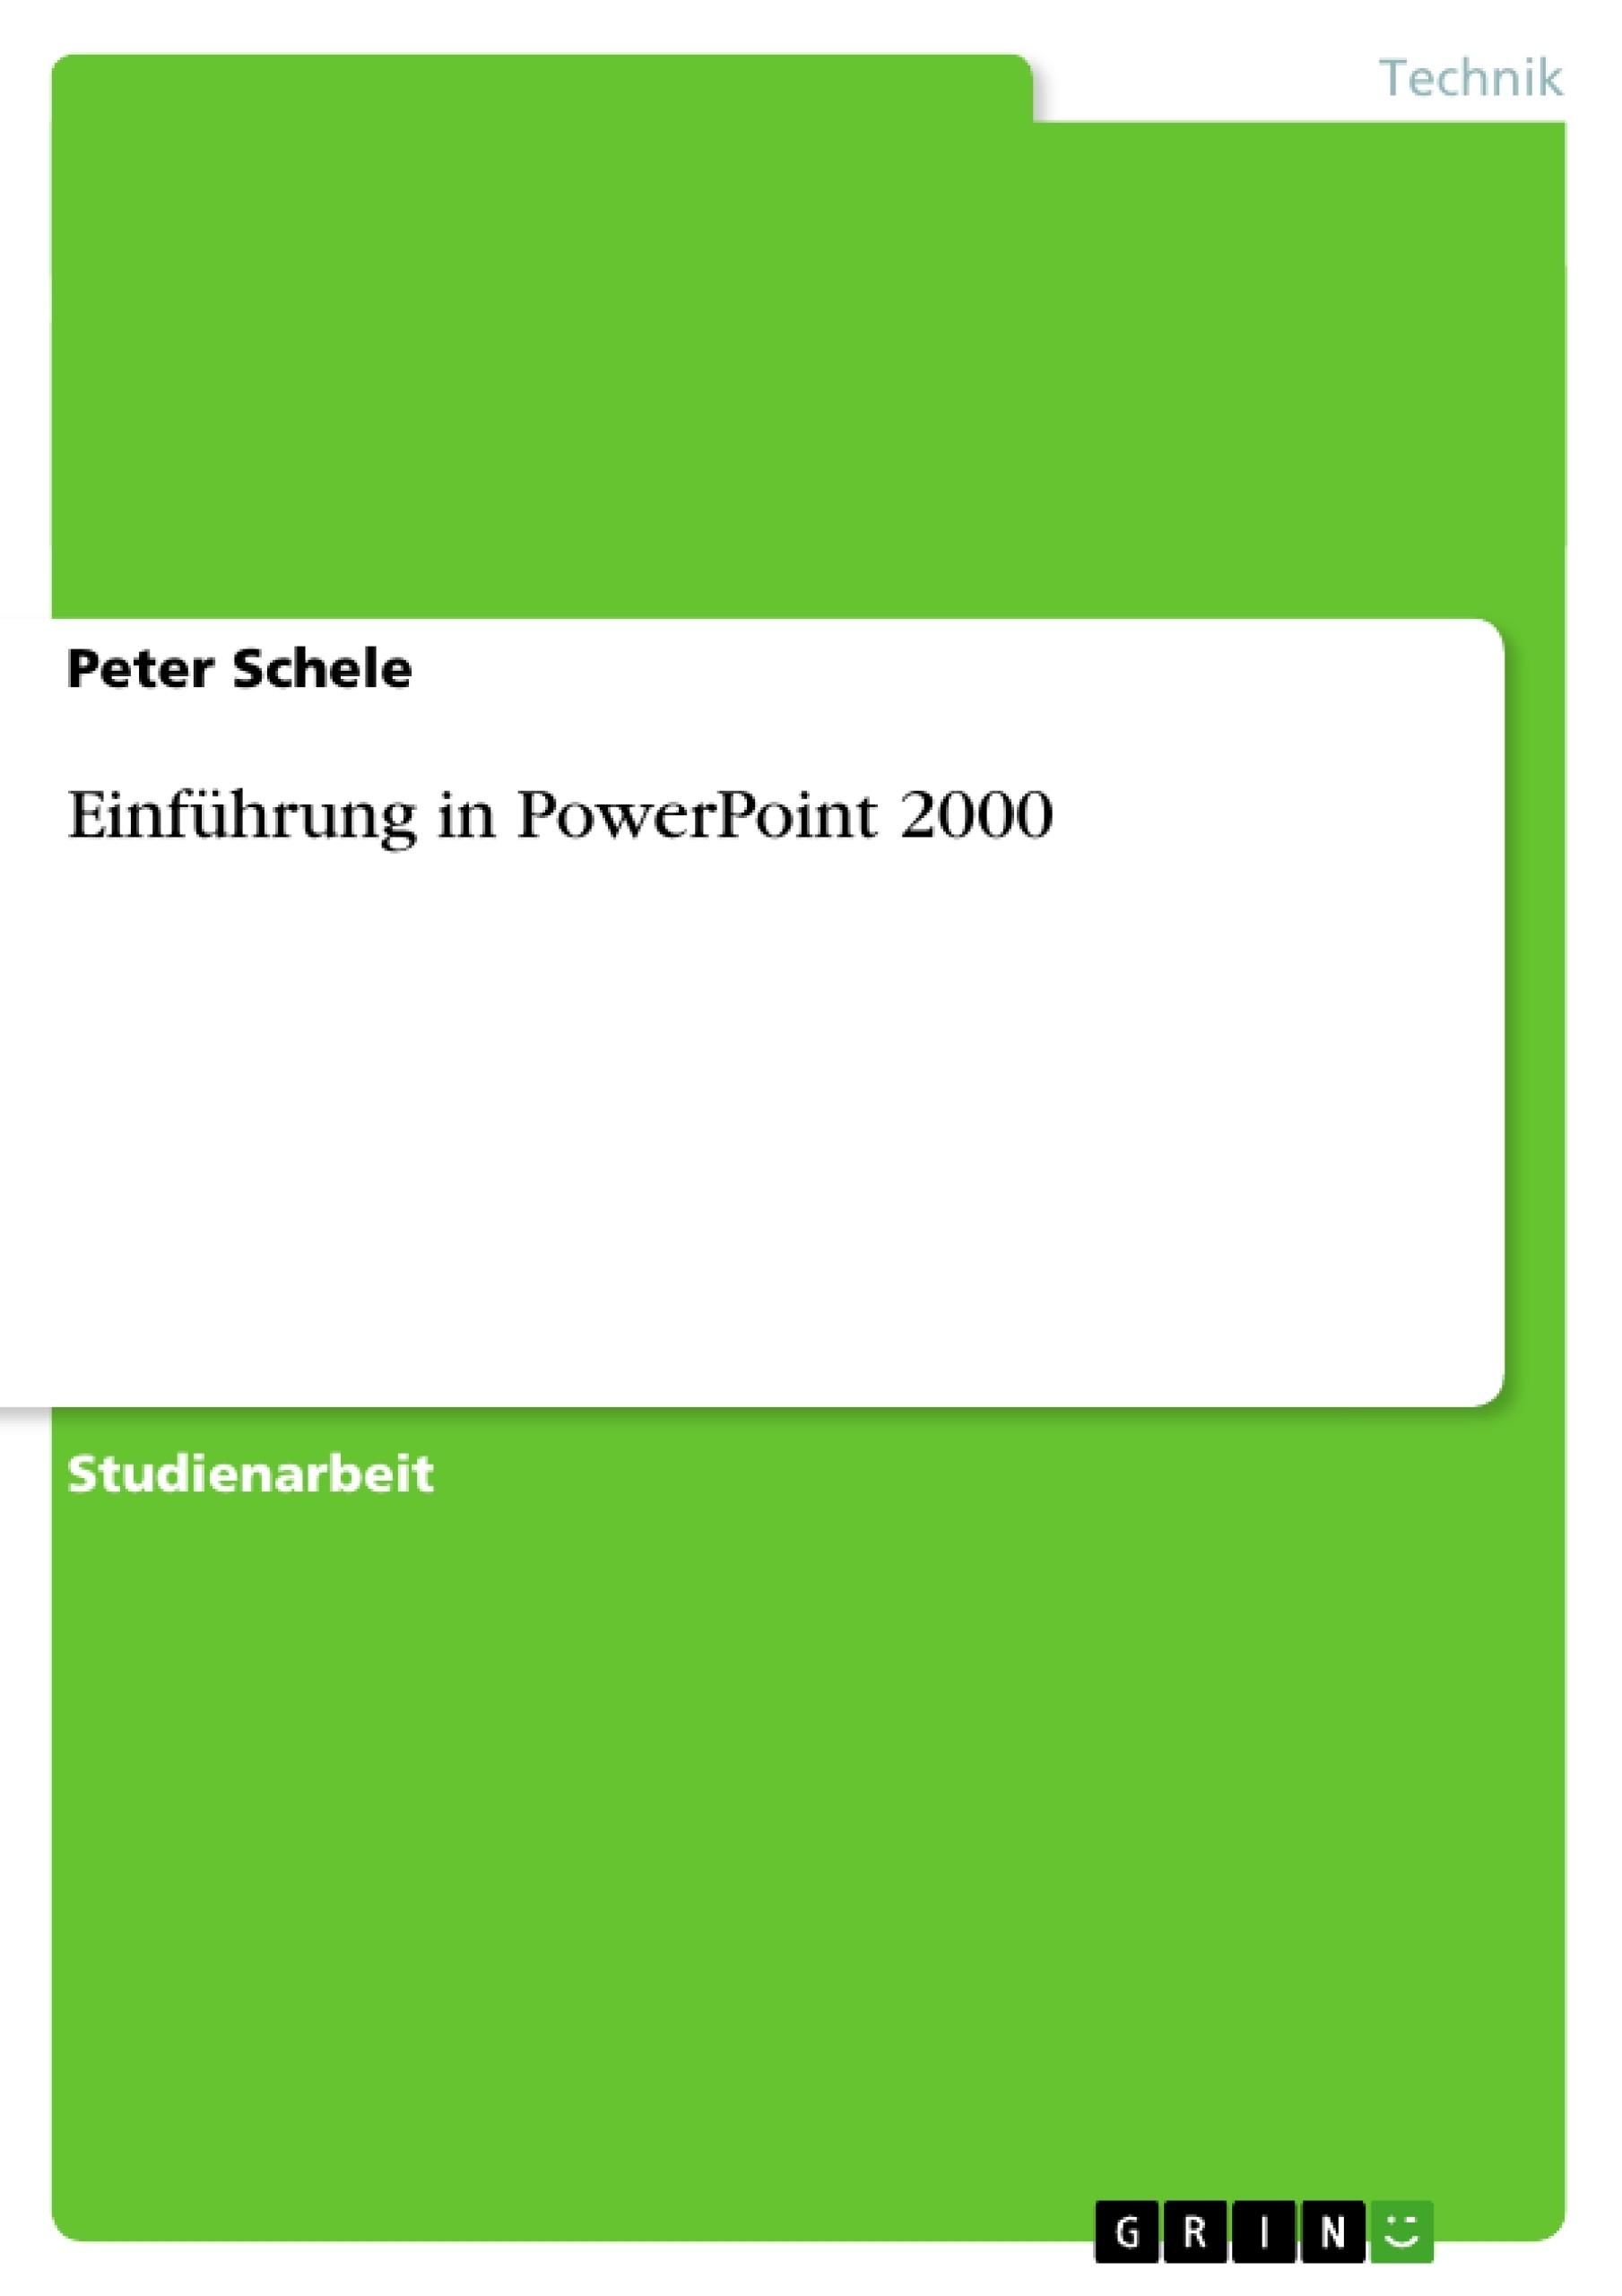 Titel: Einführung in PowerPoint 2000